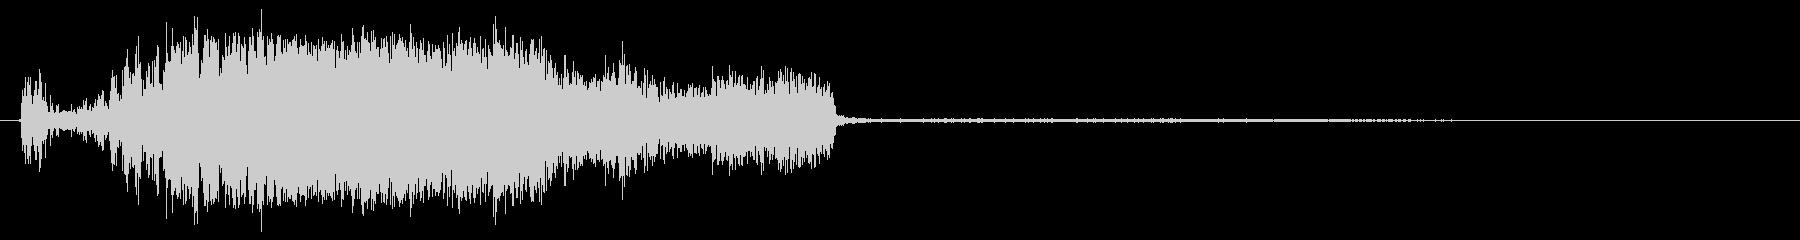 電気_感電_03の未再生の波形